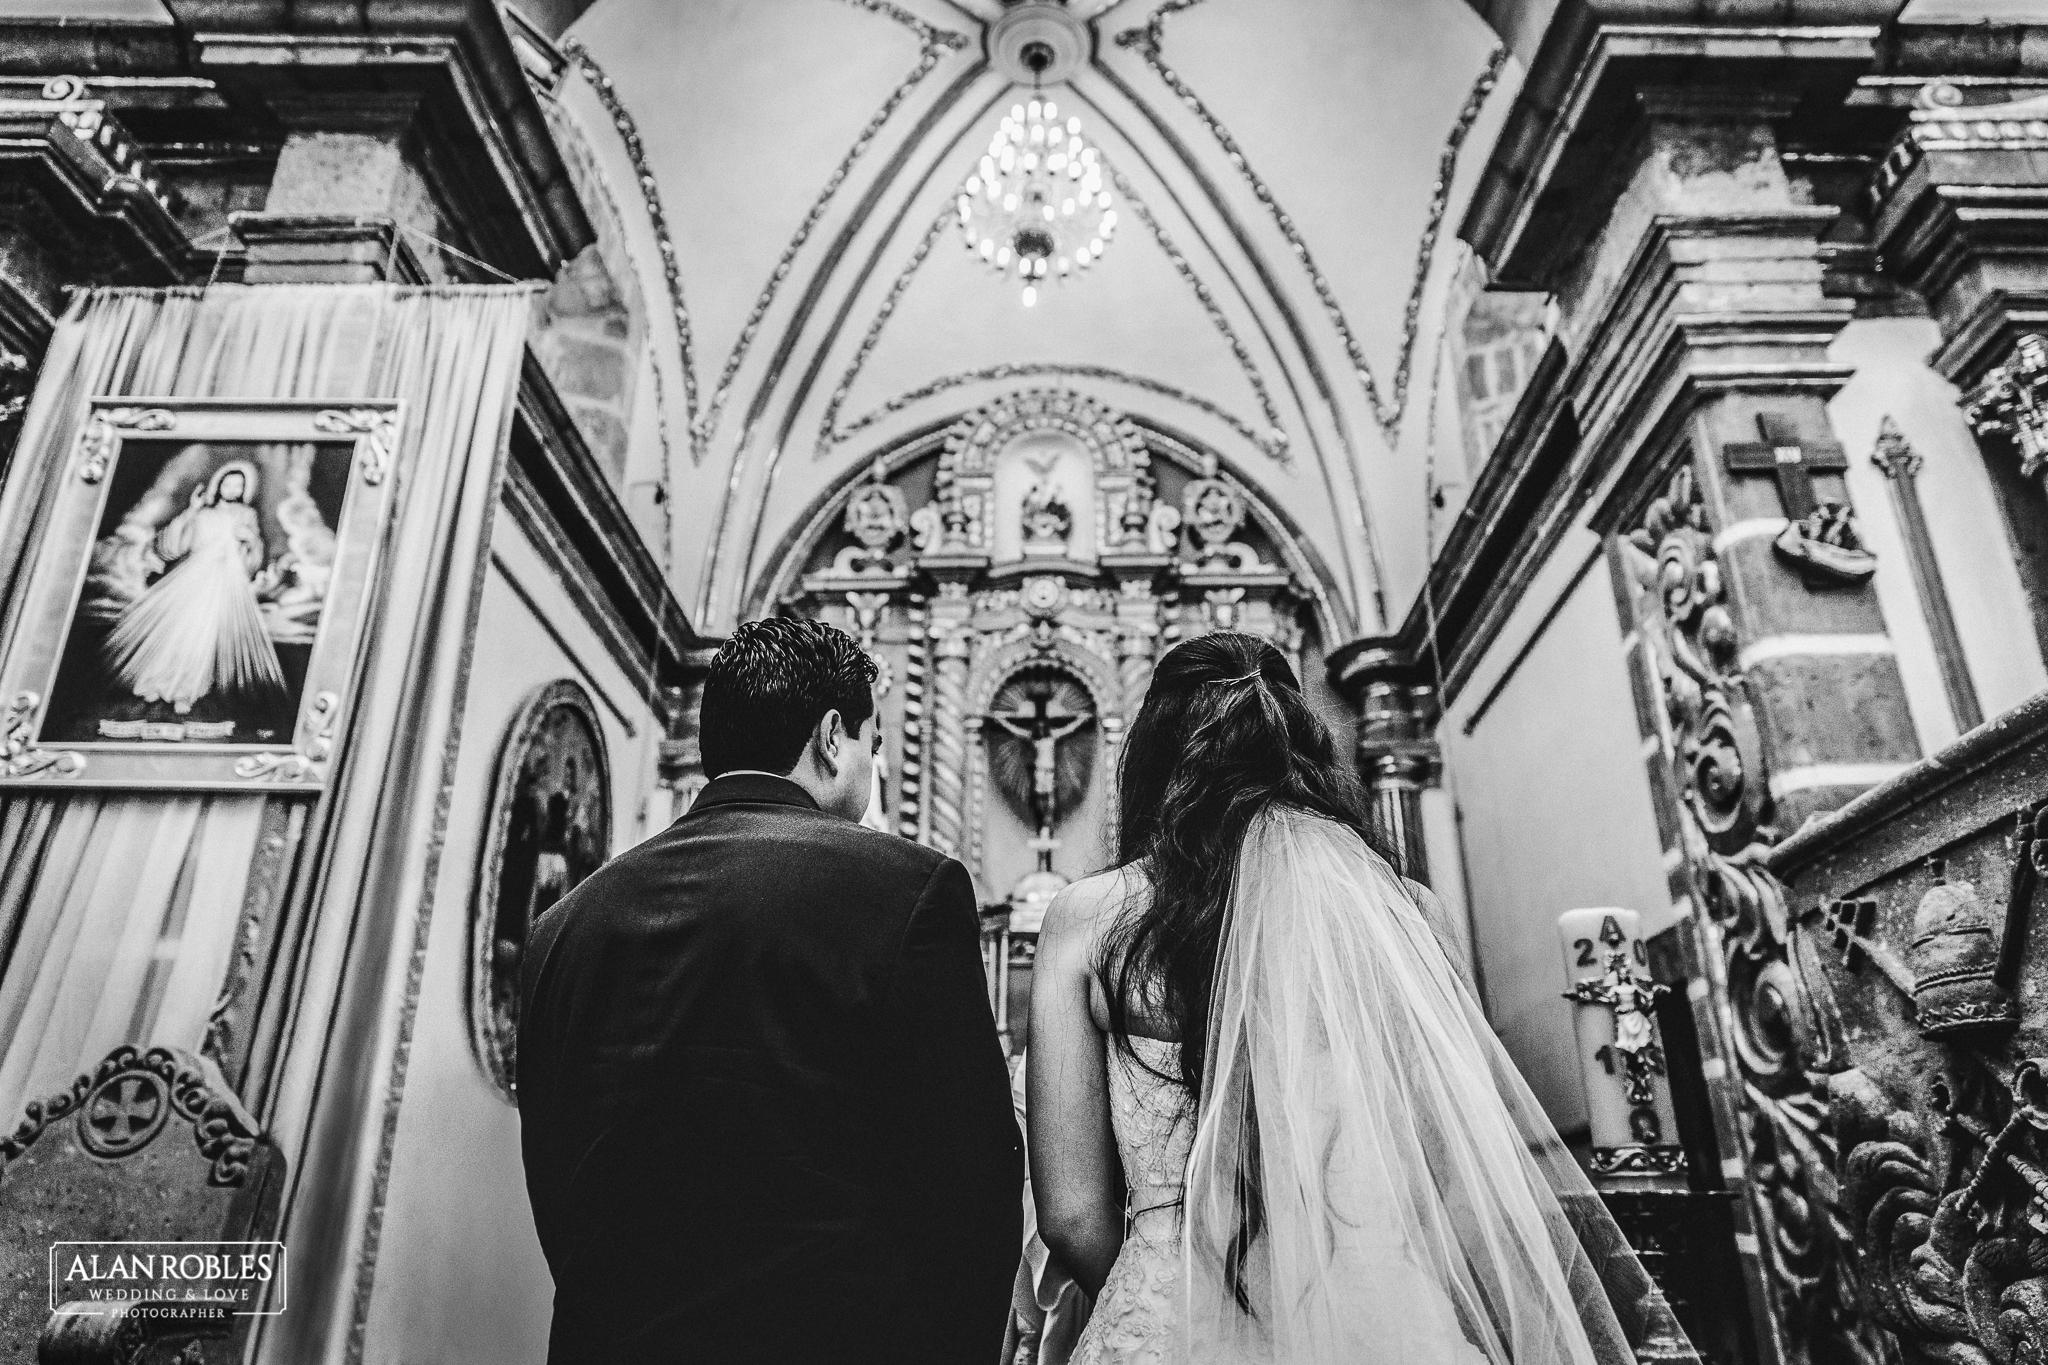 Novios en el altar el dia de su boda. Fotografia profesional de bodas por Alan Robles en Guadalajara.